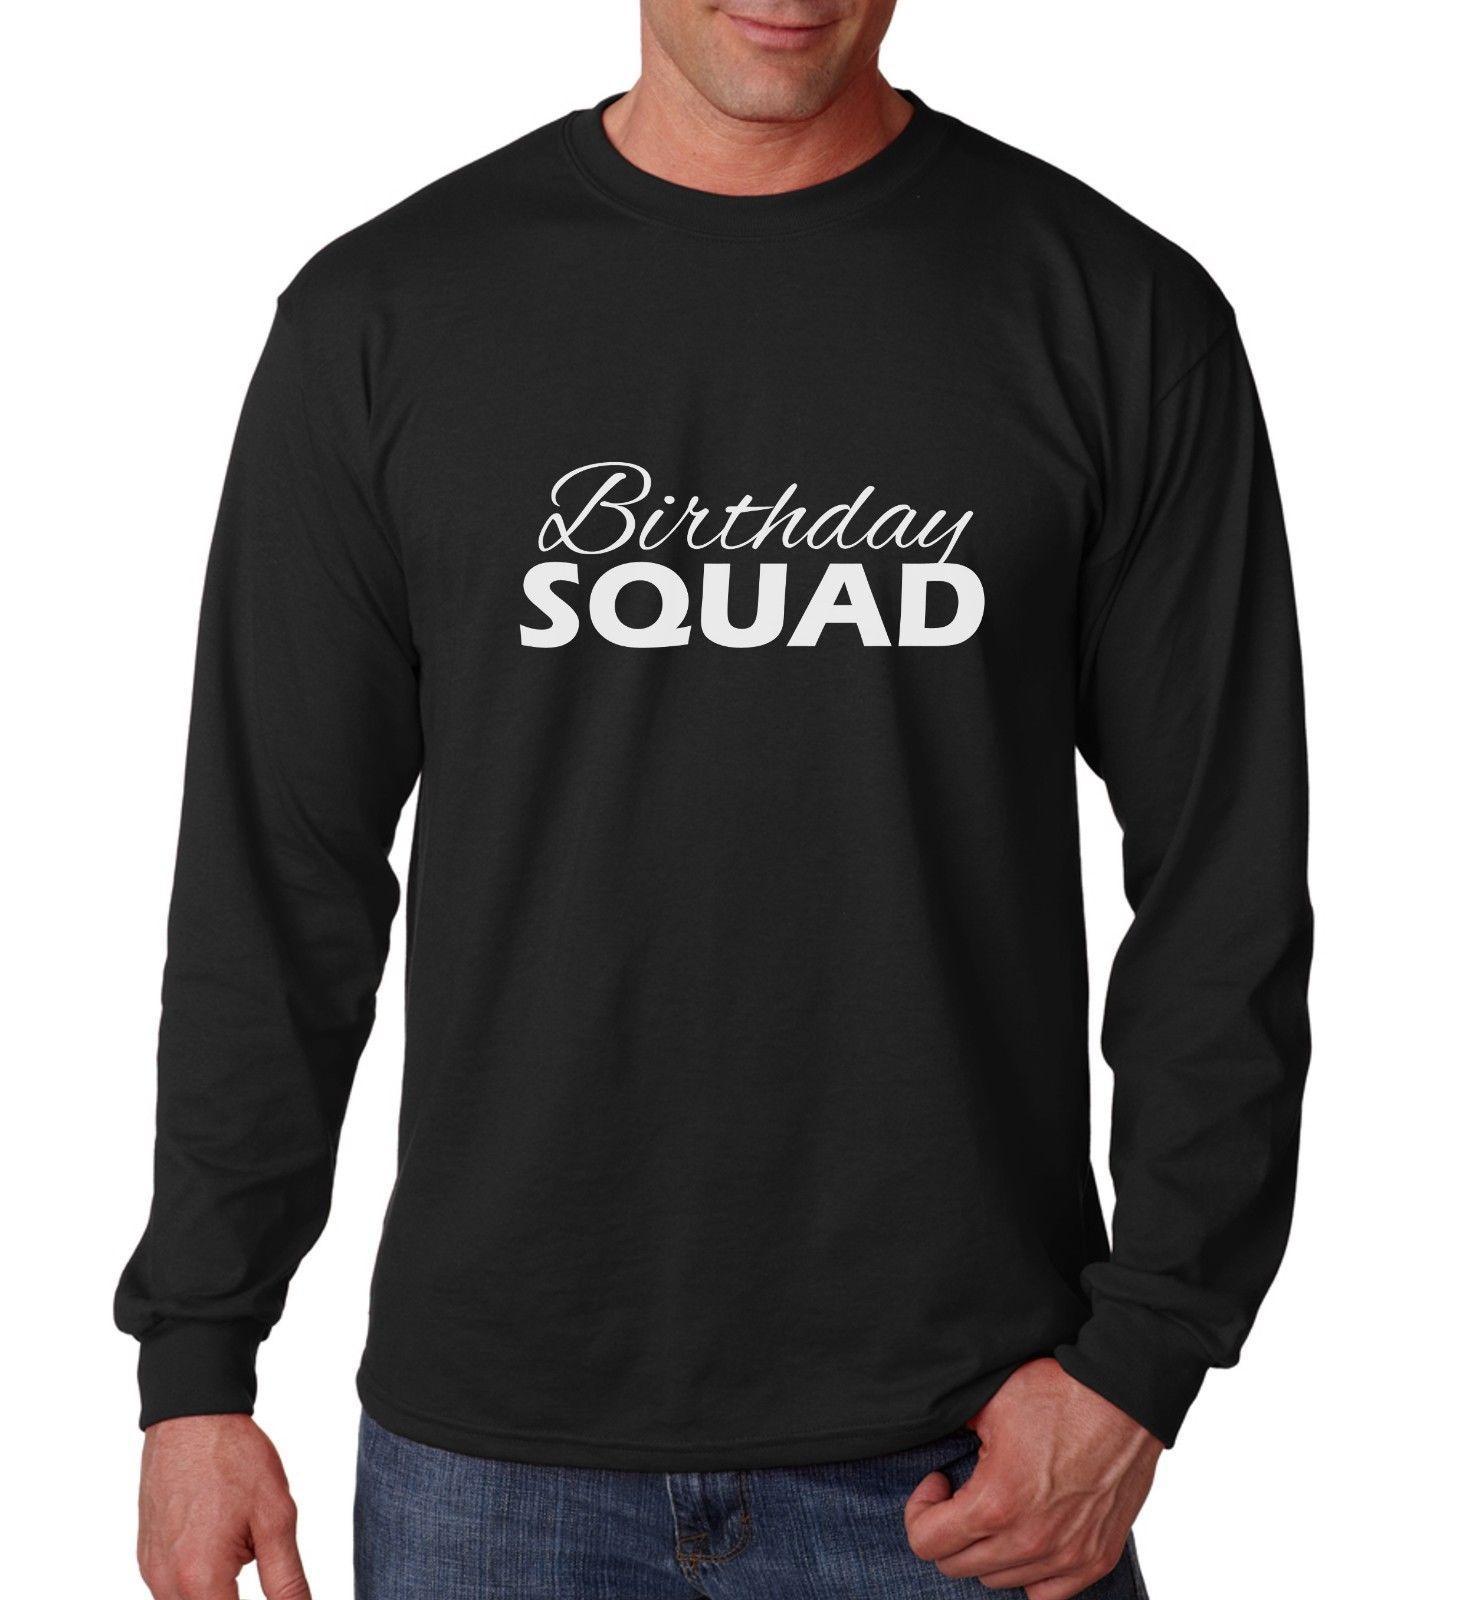 Grosshandel Langarm Geburtstagskader 2 Hemd Bday T Shirt Geschenk Fur Ihn Lustige Party Manner Von Banwanyue8 1573 Auf DeDhgateCom